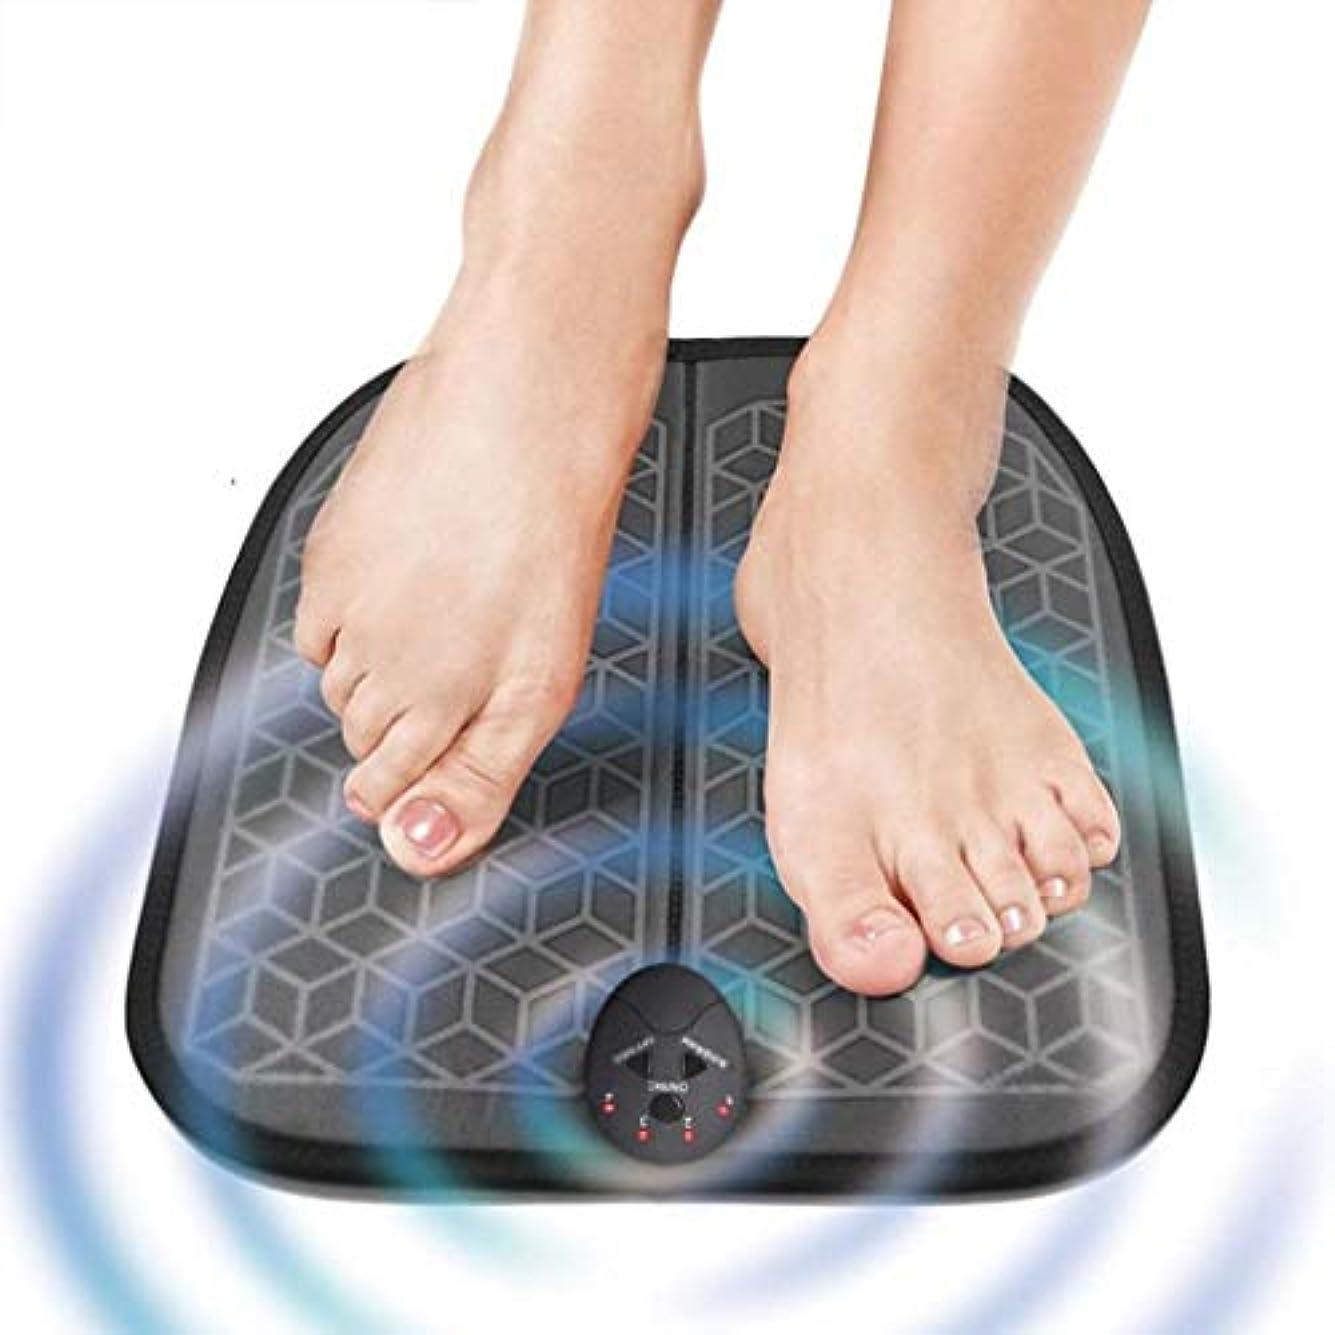 退屈させるマーベル確認する電動フットマッサージパッド、バッテリー駆動、1?10の強度レベル/ 6つのマッサージモードフットマッサージャー、血行促進/リラックスストレス緩和筋肉痛